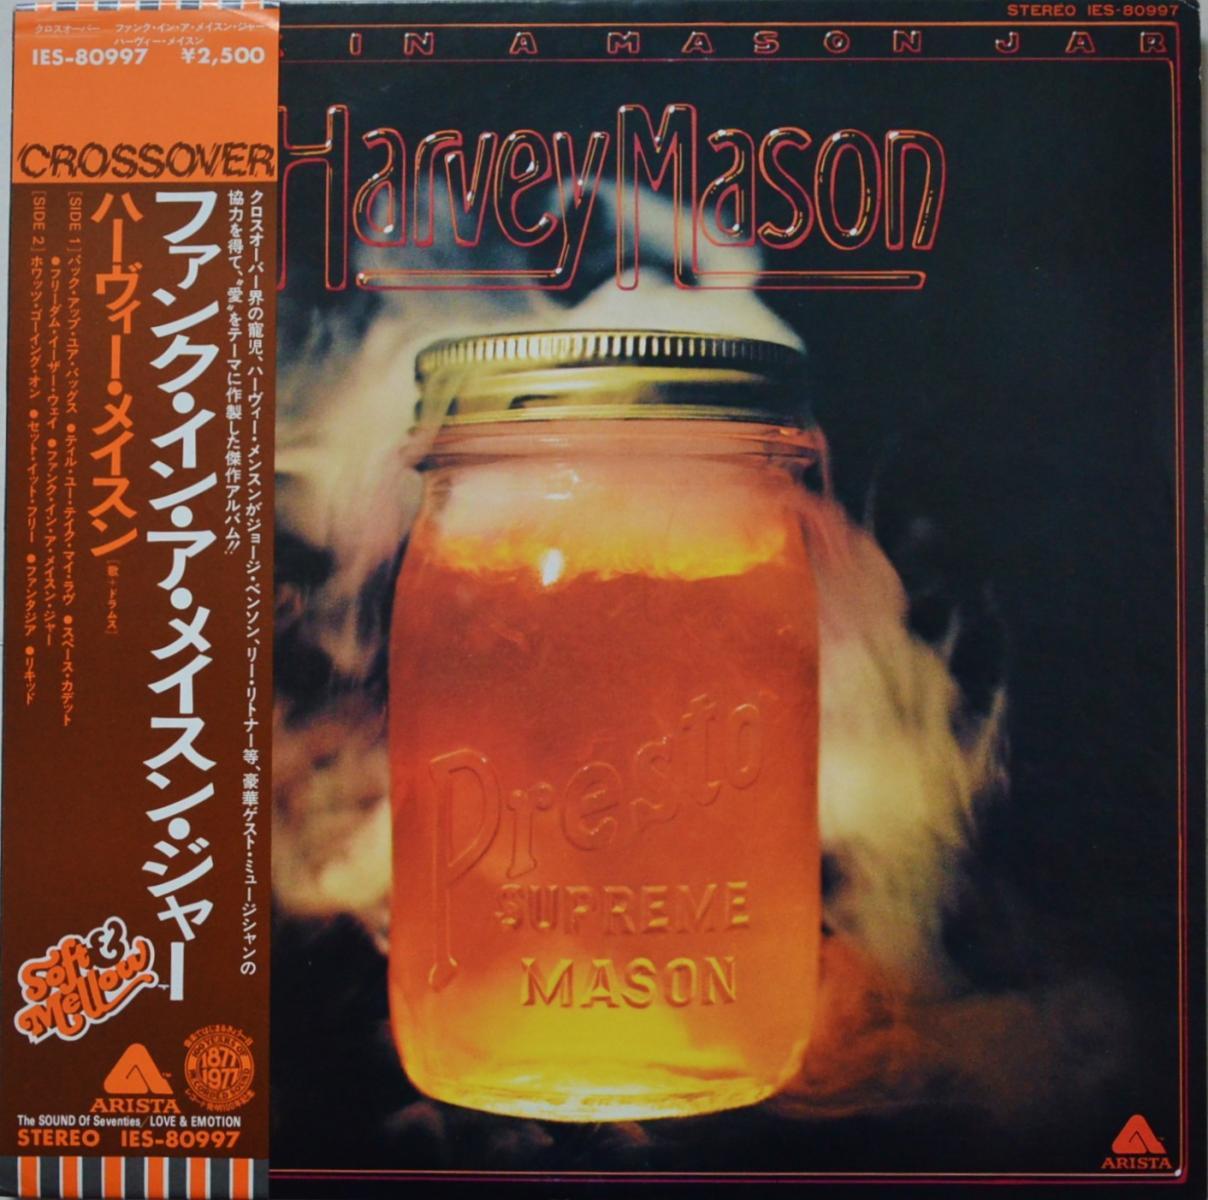 ハーヴィー・メイスン HARVEY MASON / ファンク・イン・ア・メイスン・ジャー FUNK IN A MASON JAR (LP)